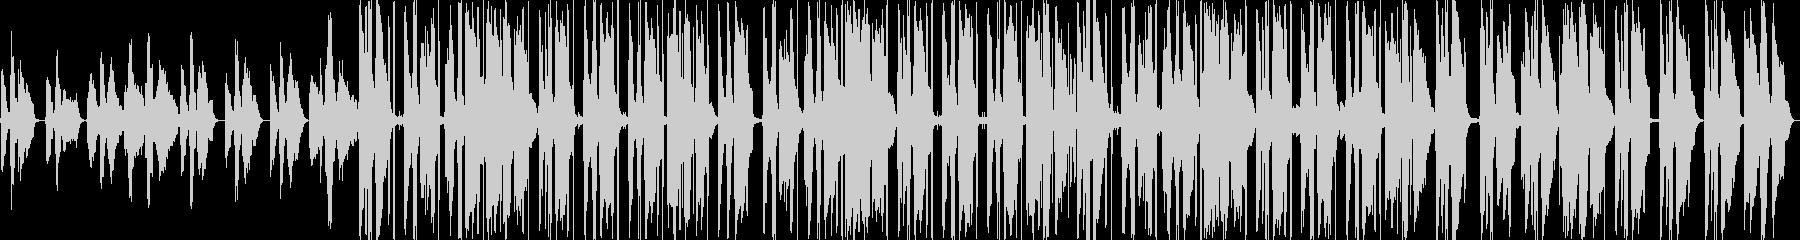 ピアノがおしゃれなHiphopBeatの未再生の波形